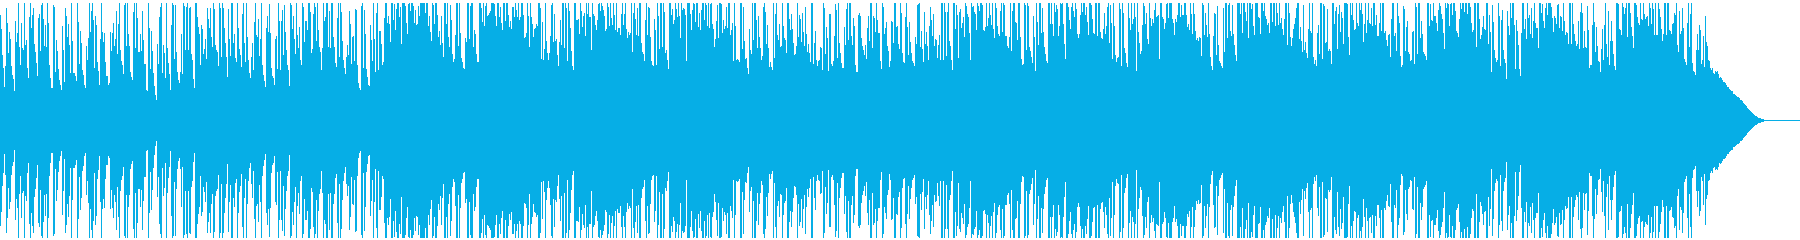 ウクレレと口笛の楽しい楽曲の再生済みの波形